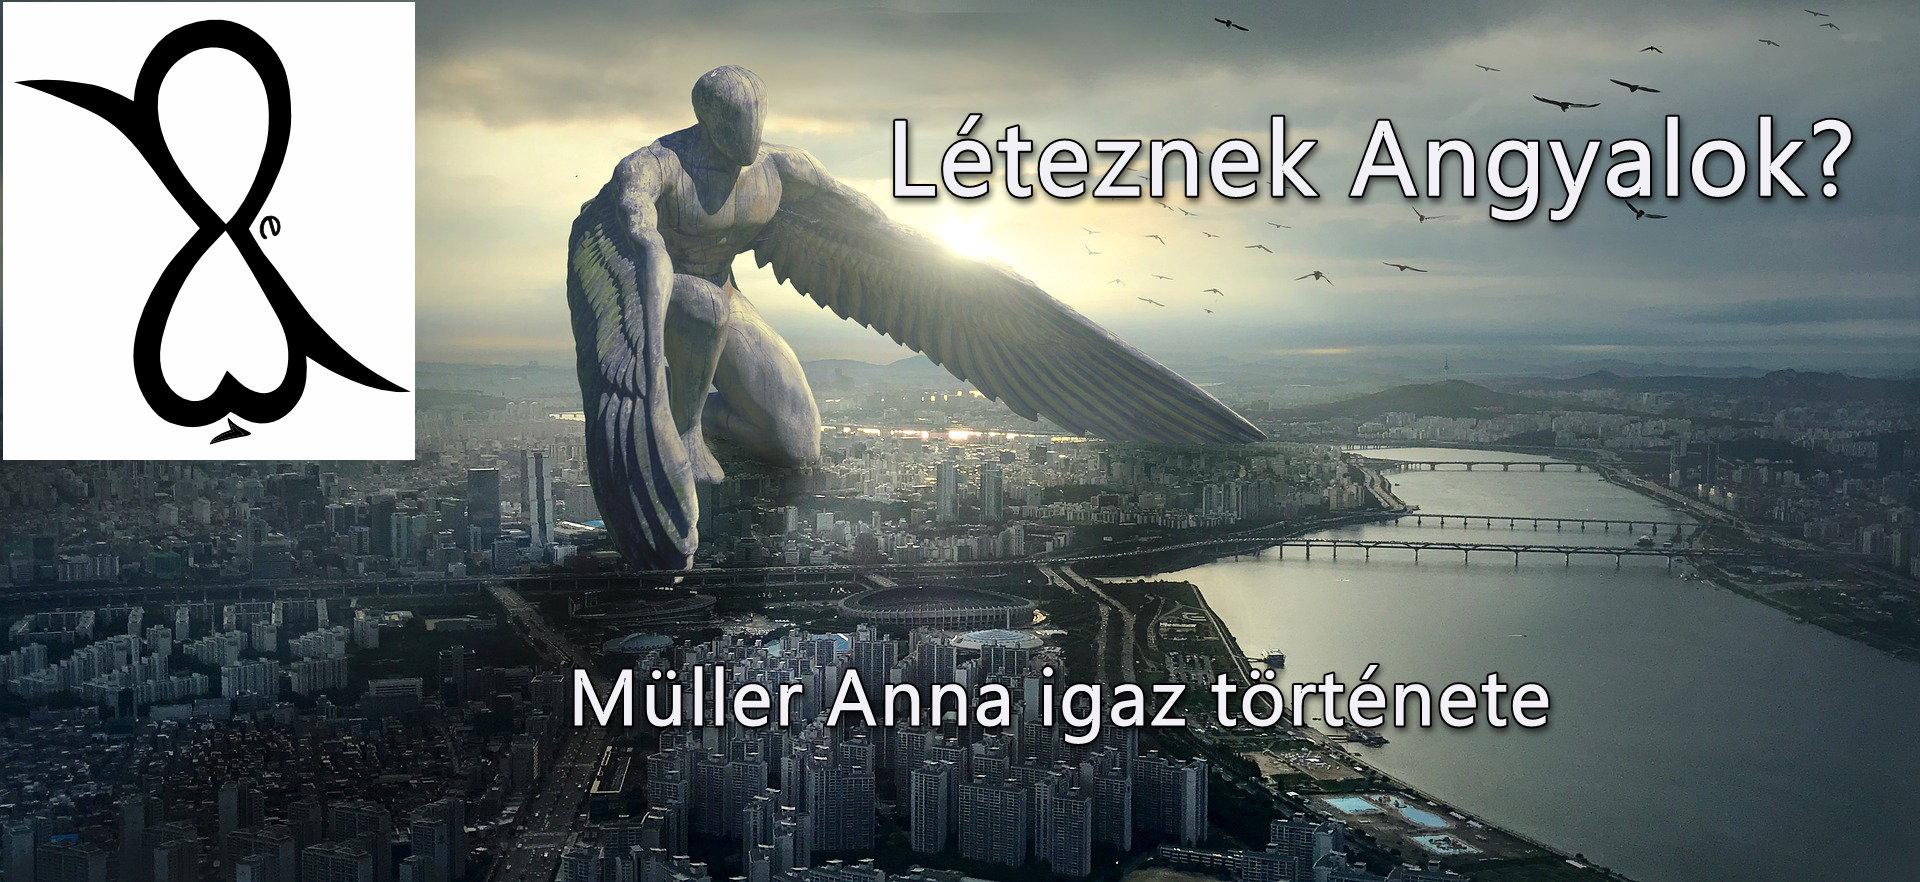 Léteznek Angyalok? (Müller Anna igaz története)